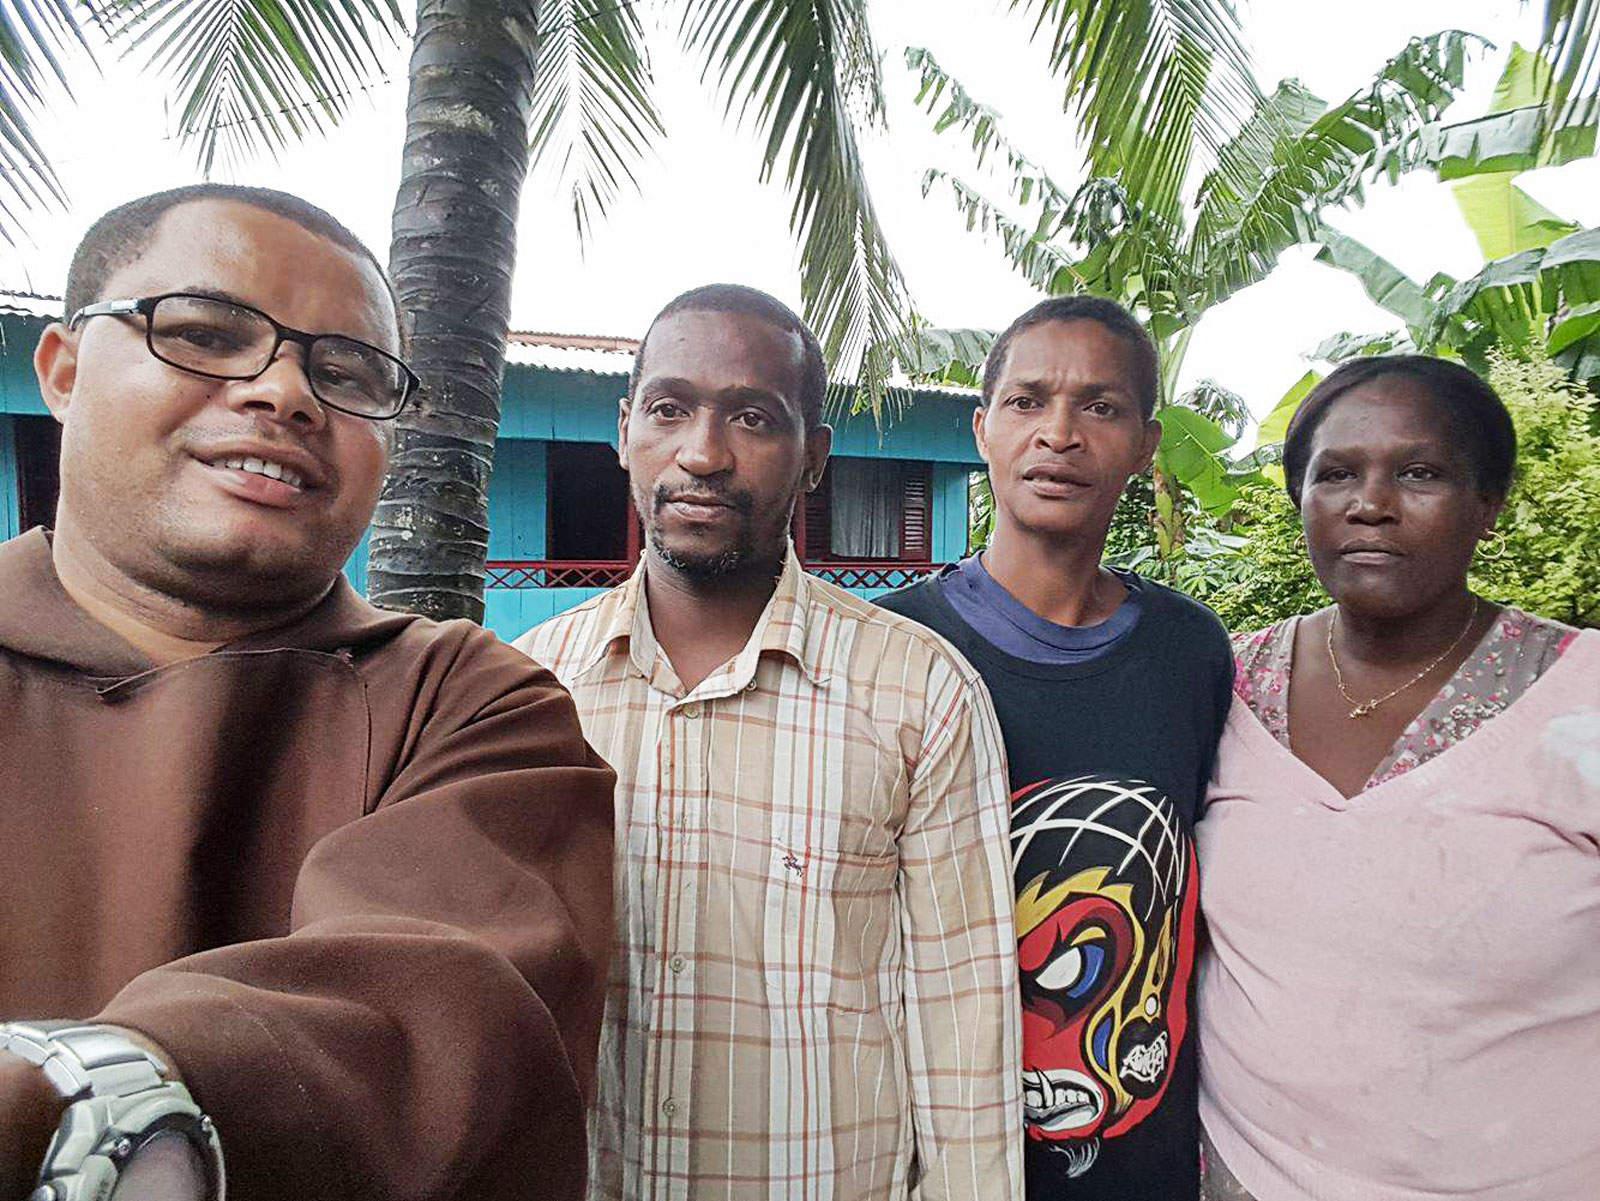 Missionário Frei Claudino Vieira e os irmãos de Adilson Correia